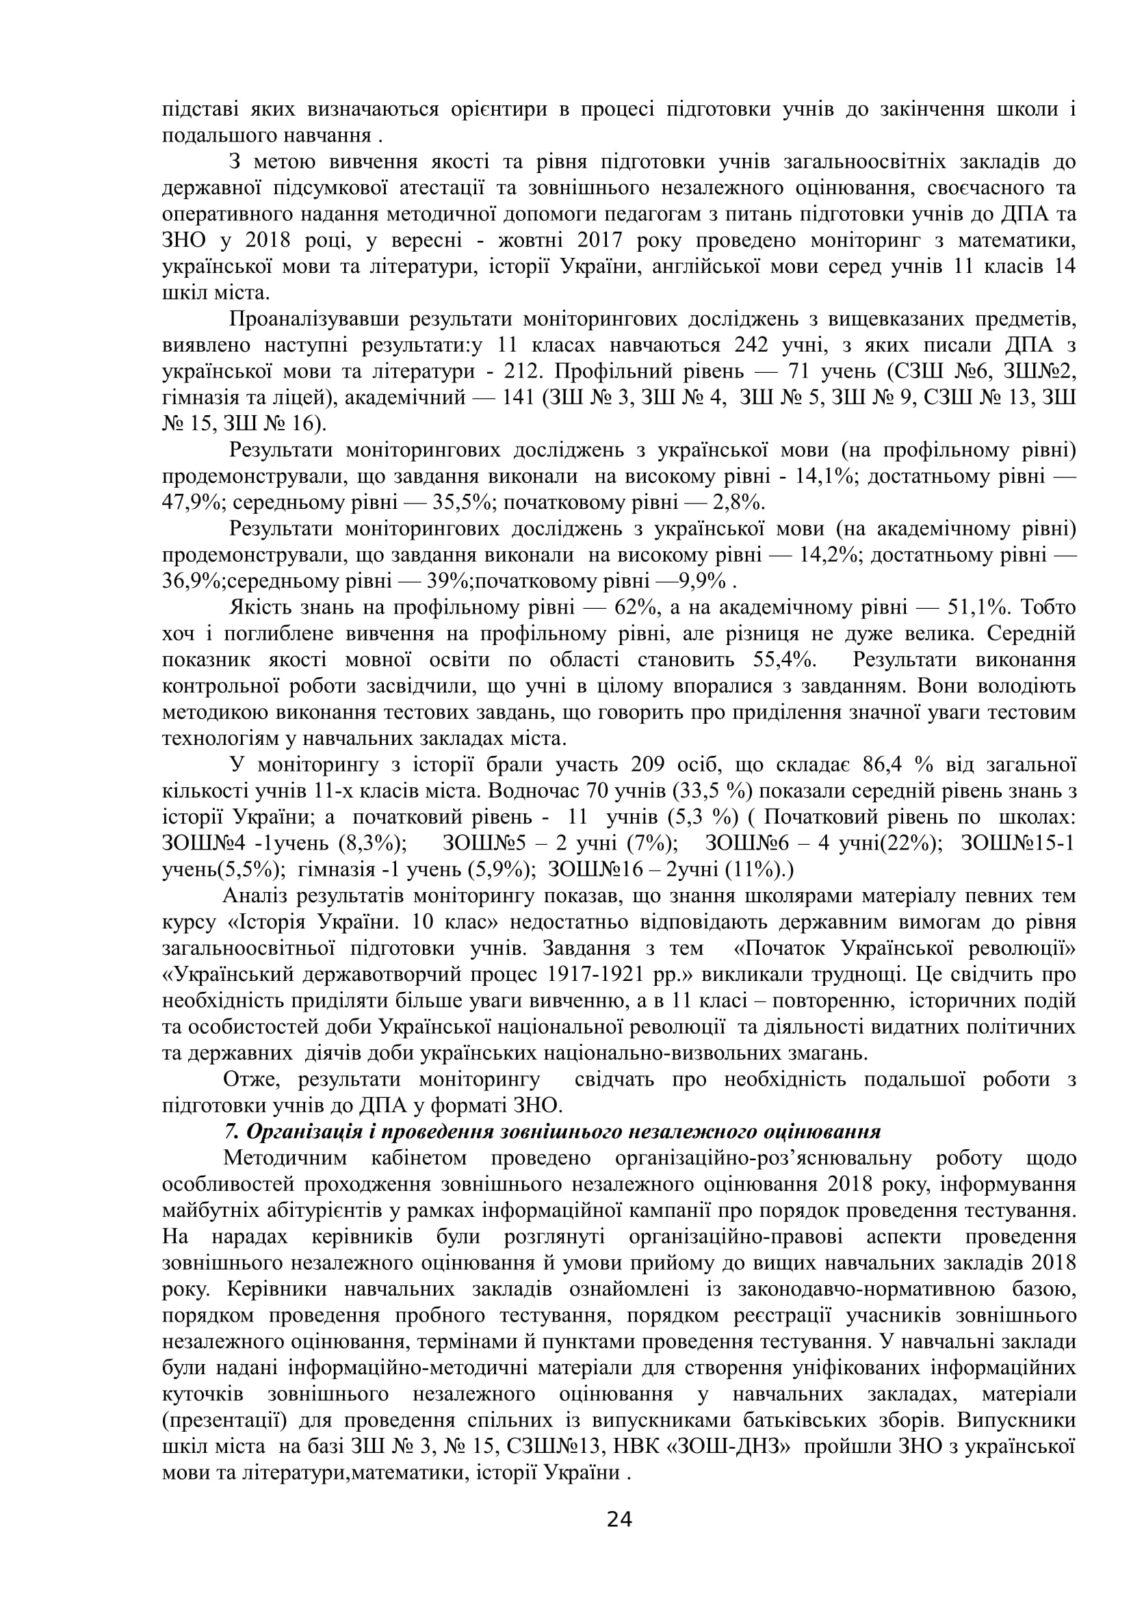 Костянтинівка 2018-2019 - ММК план роботи-25